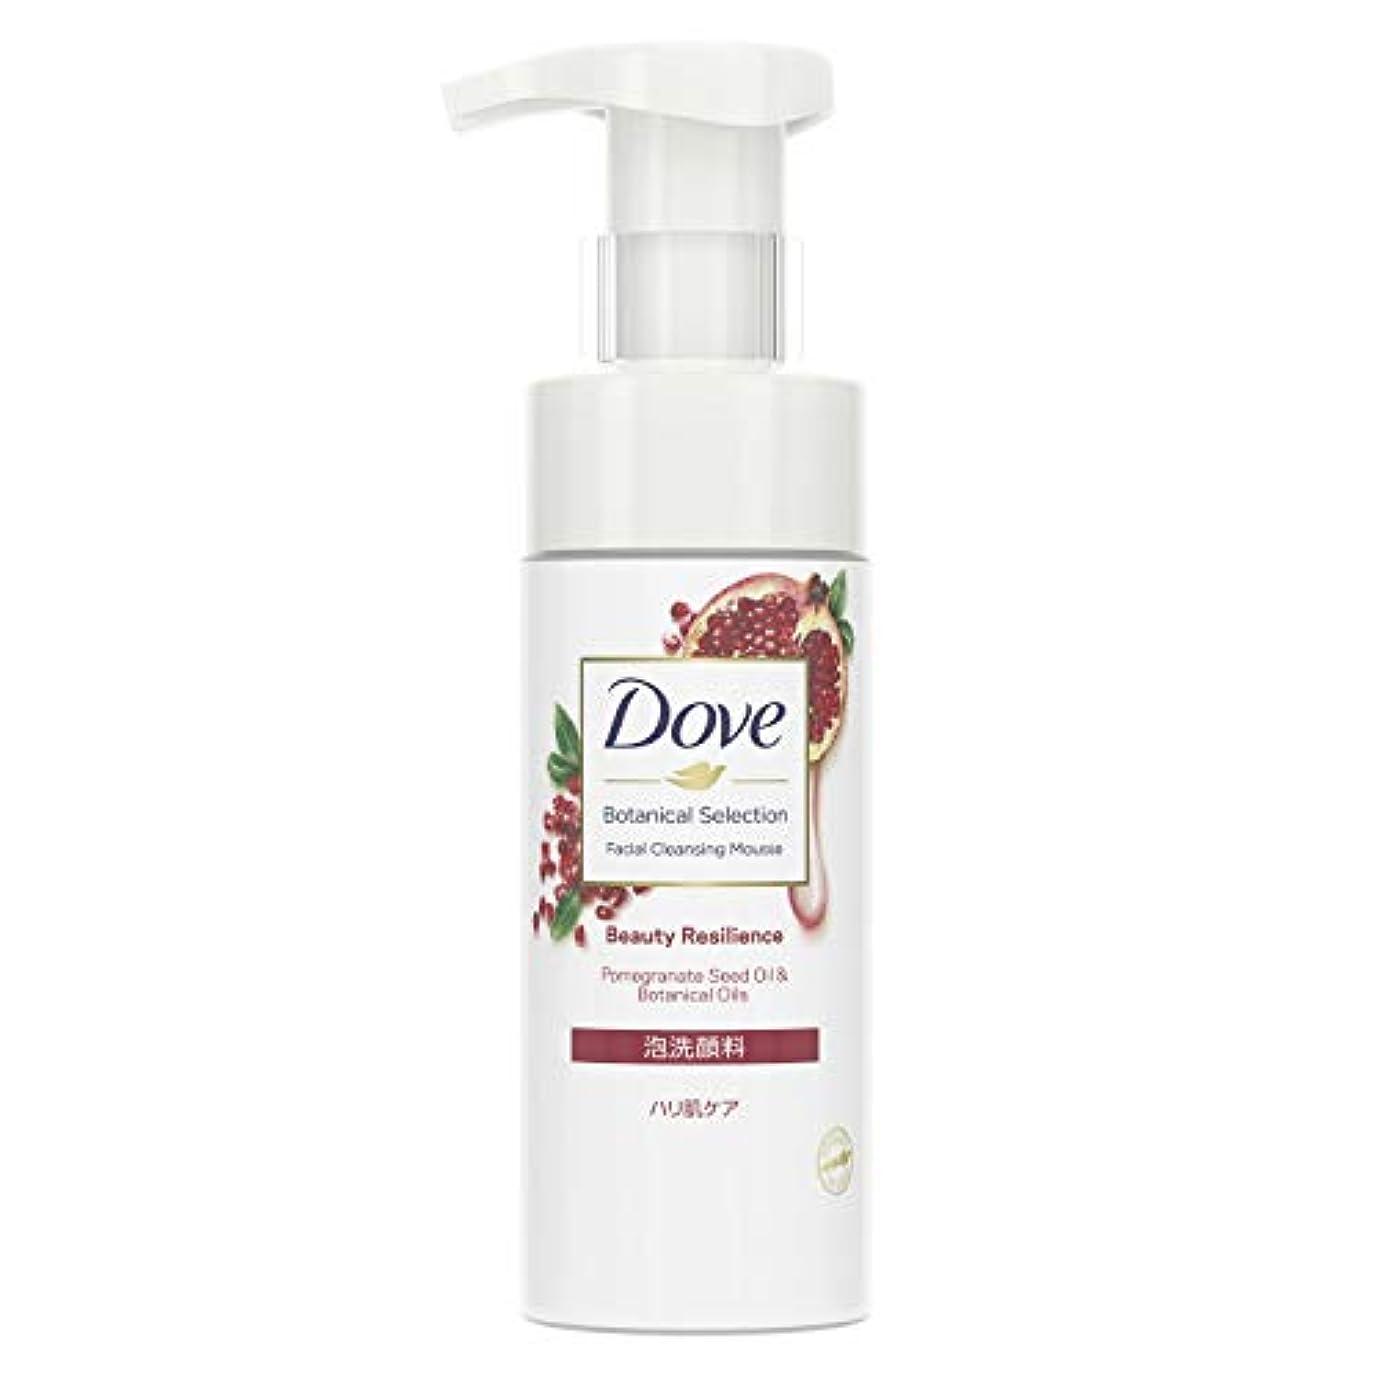 入札縮約懸念Dove(ダヴ) ダヴ ボタニカルセレクション ビューティーレジリエンス 泡洗顔料 145mL